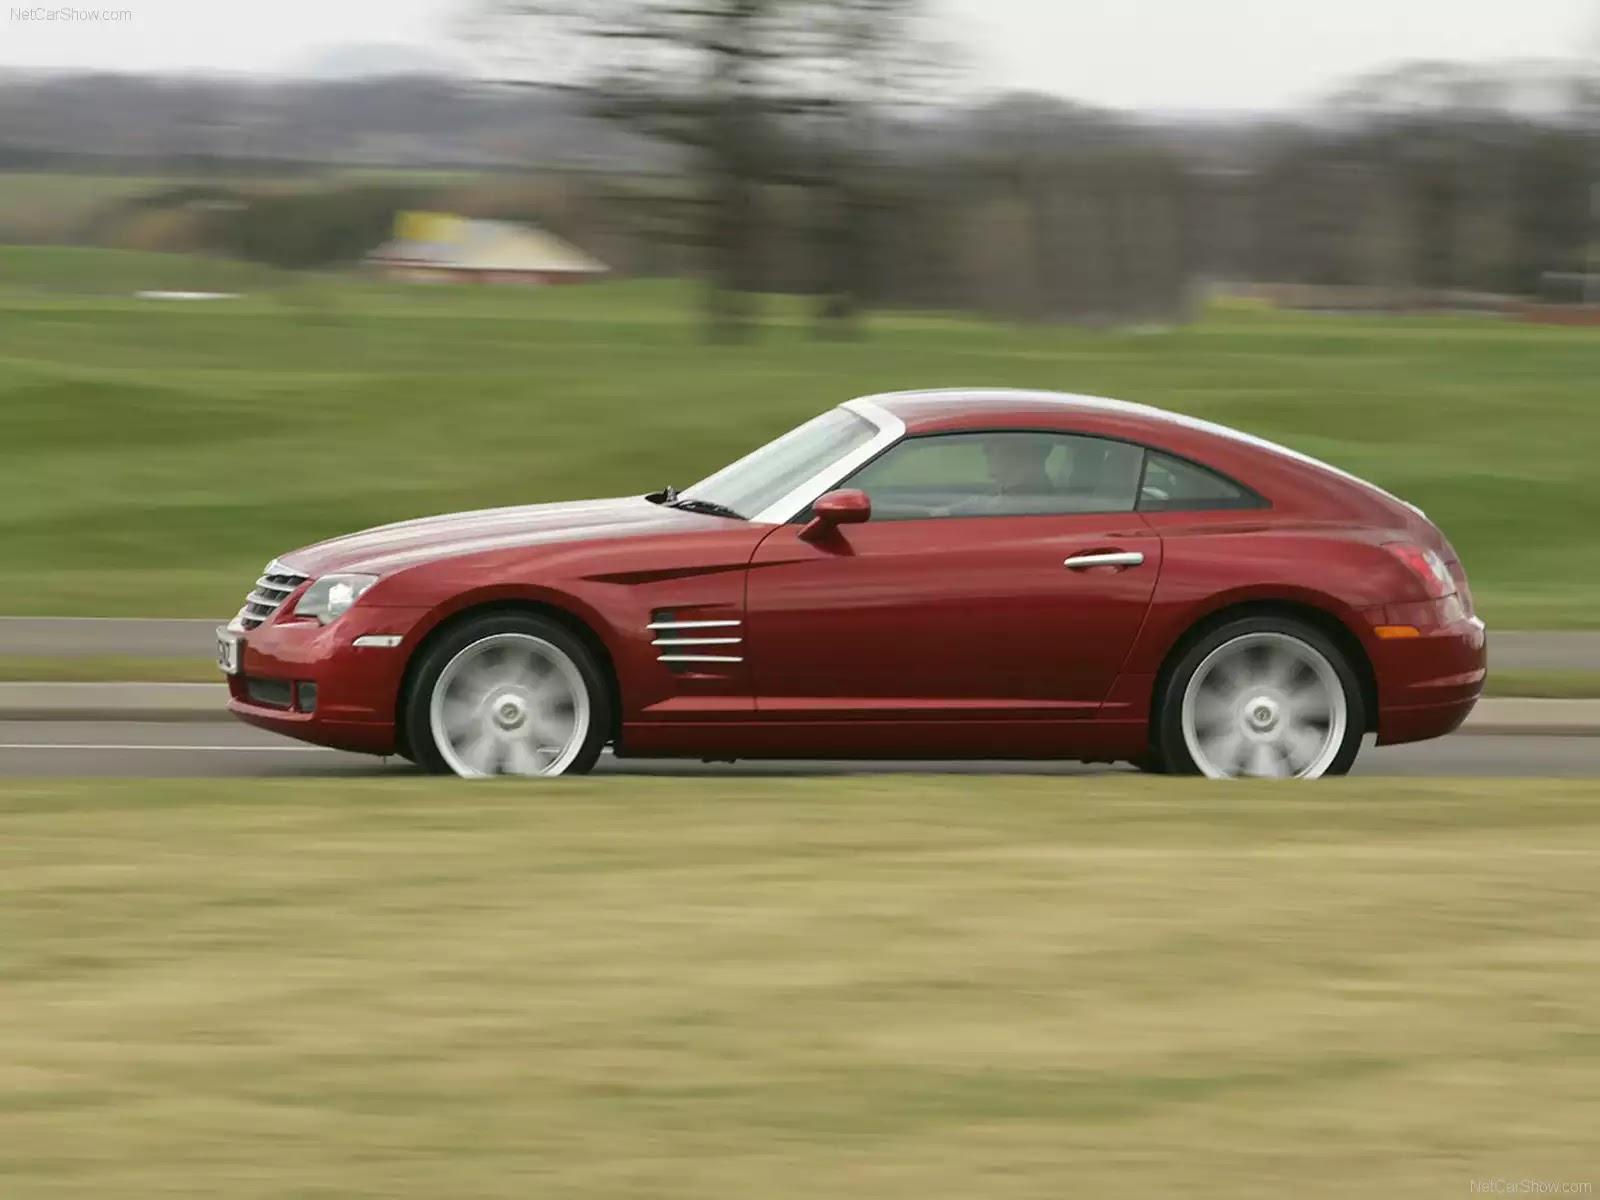 Hình ảnh xe ô tô Chrysler Crossfire UK Version 2007 & nội ngoại thất